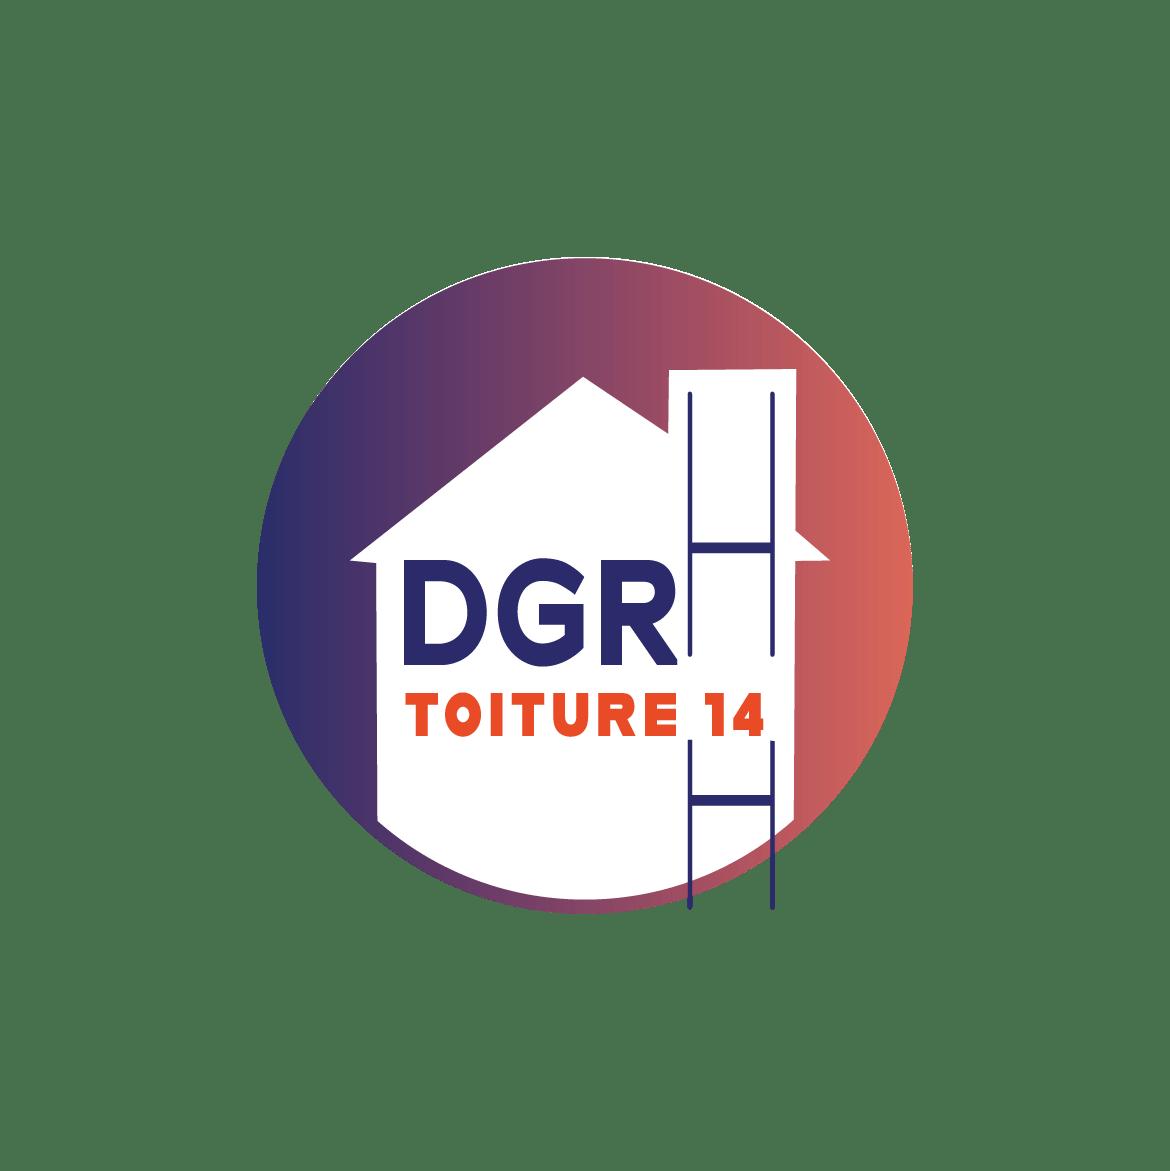 logo dgrh toiture 14